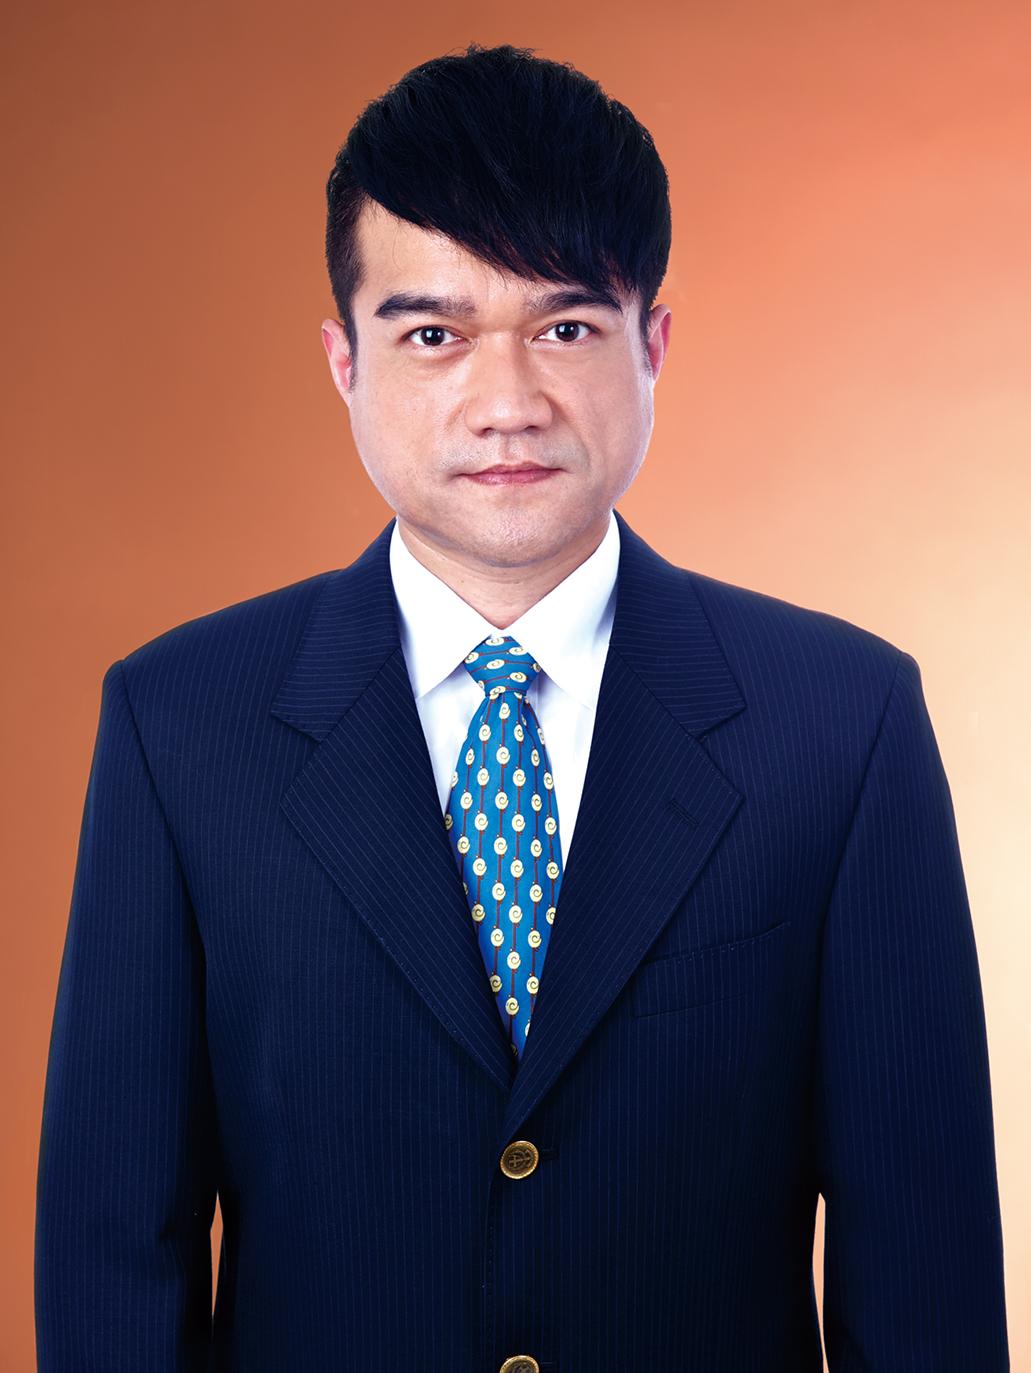 鄭天程肖像